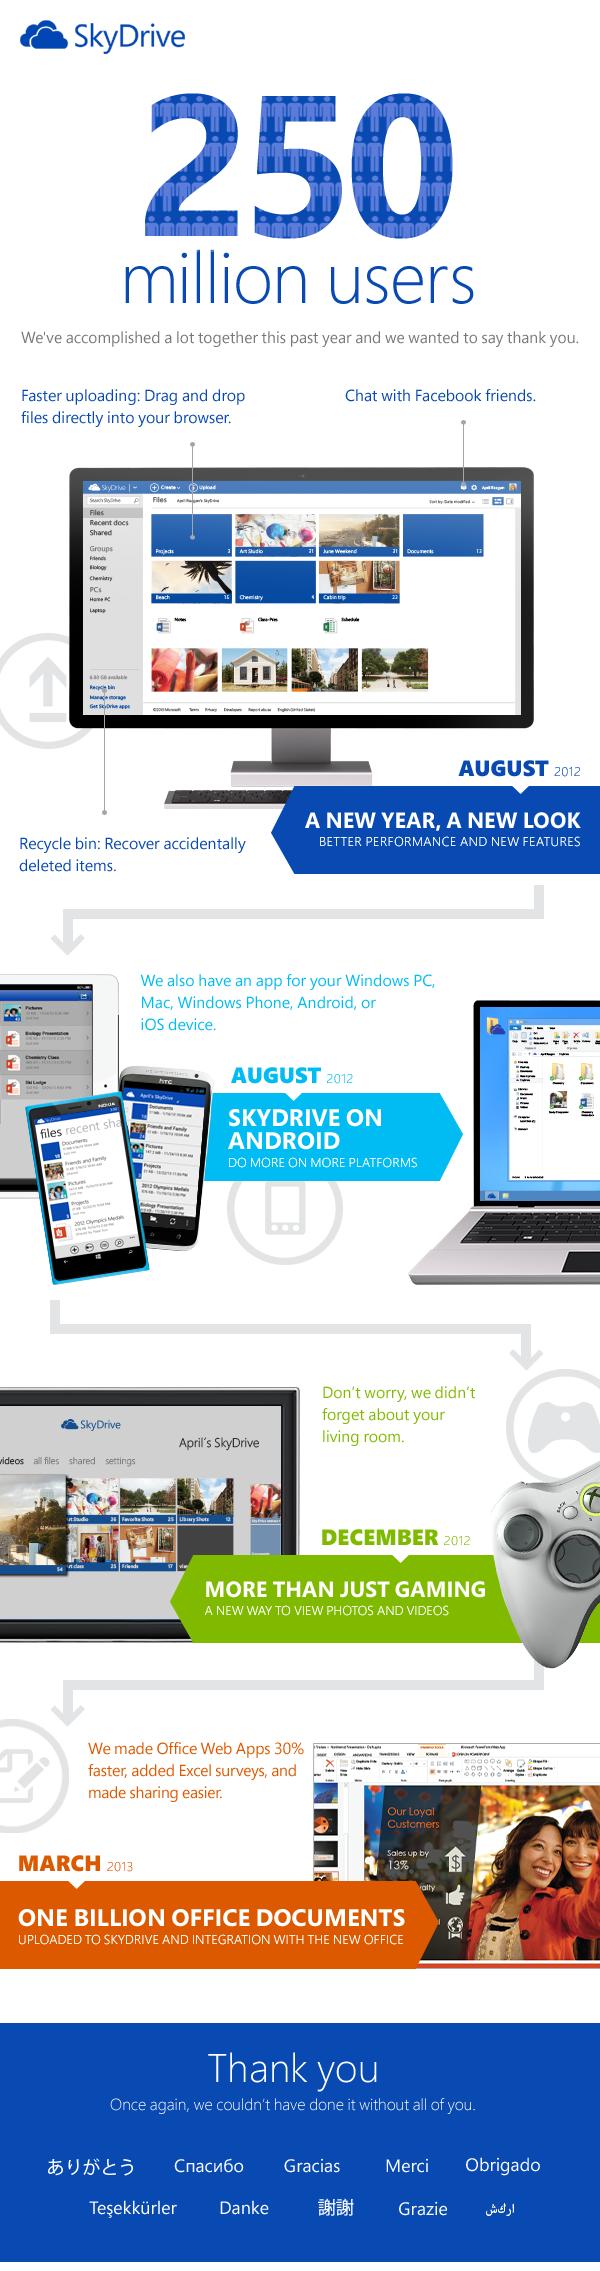 SkyDrive-Anniversary_3DCCE54E